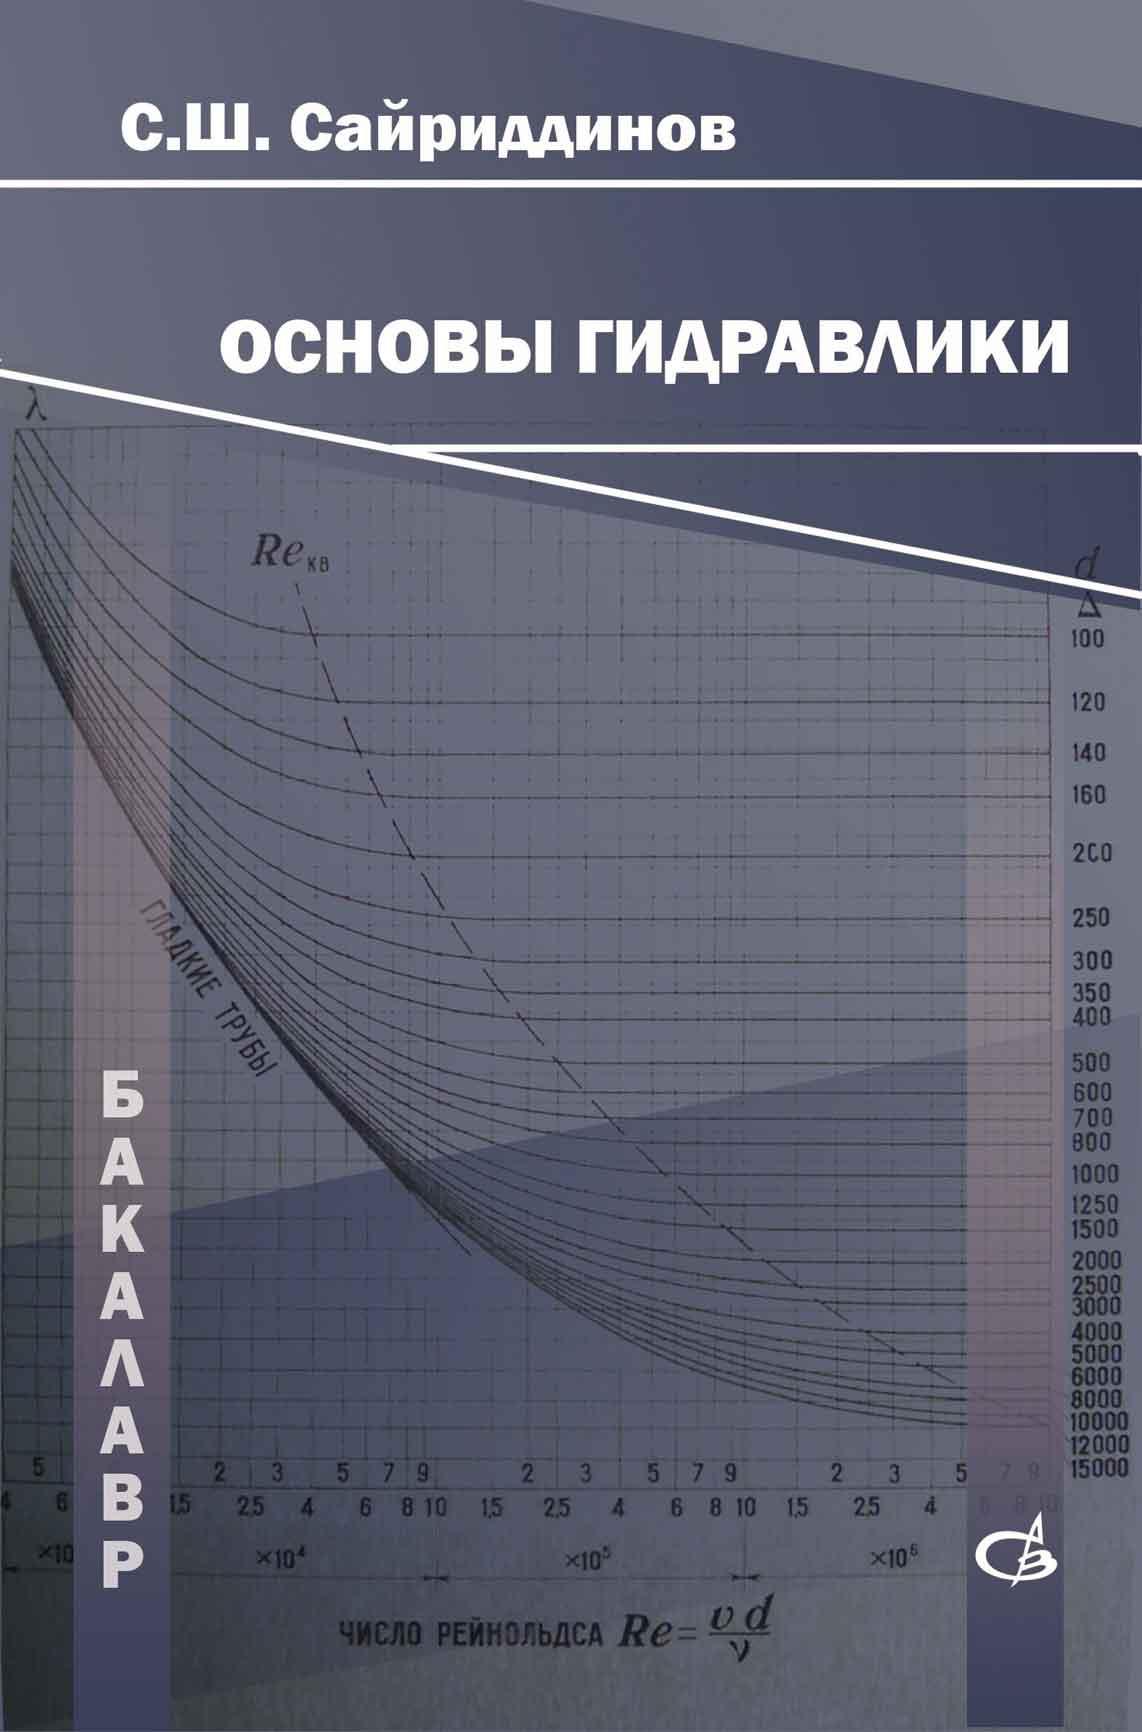 С. Ш. Сайриддинов Основы гидравлики цена